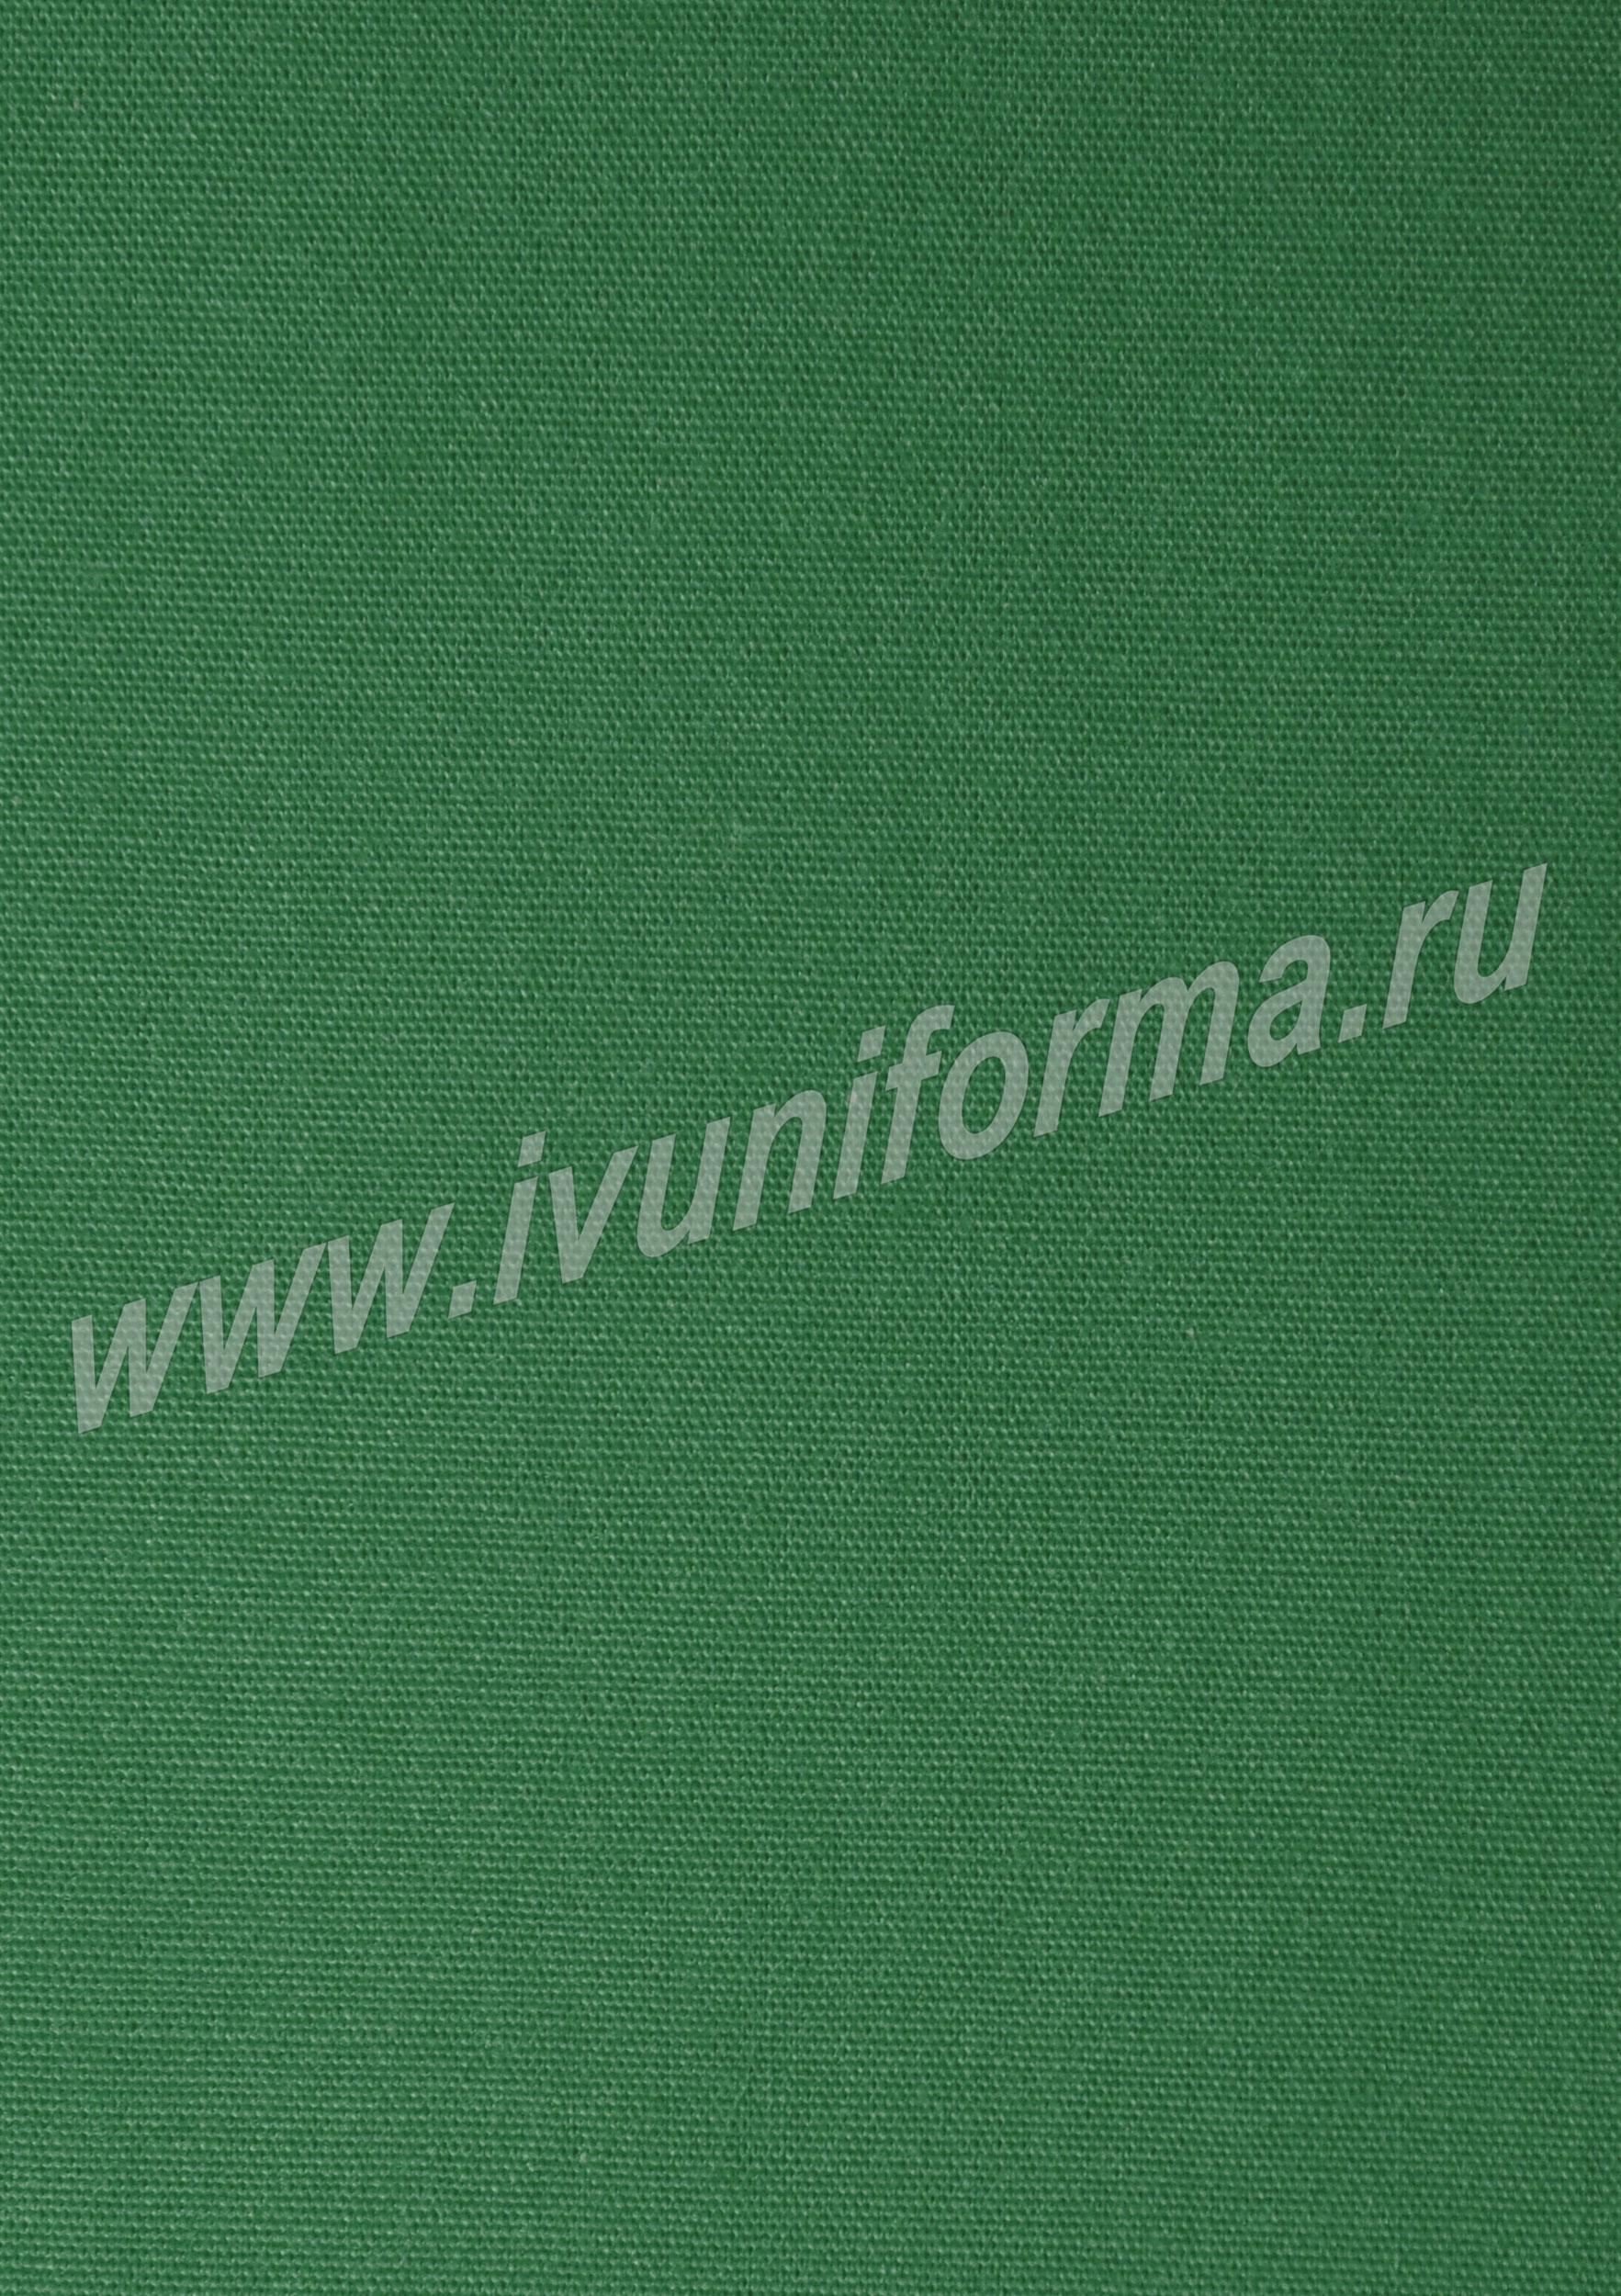 Купить ткани для платья в иркутске сайт совместных закупок йошкар ола